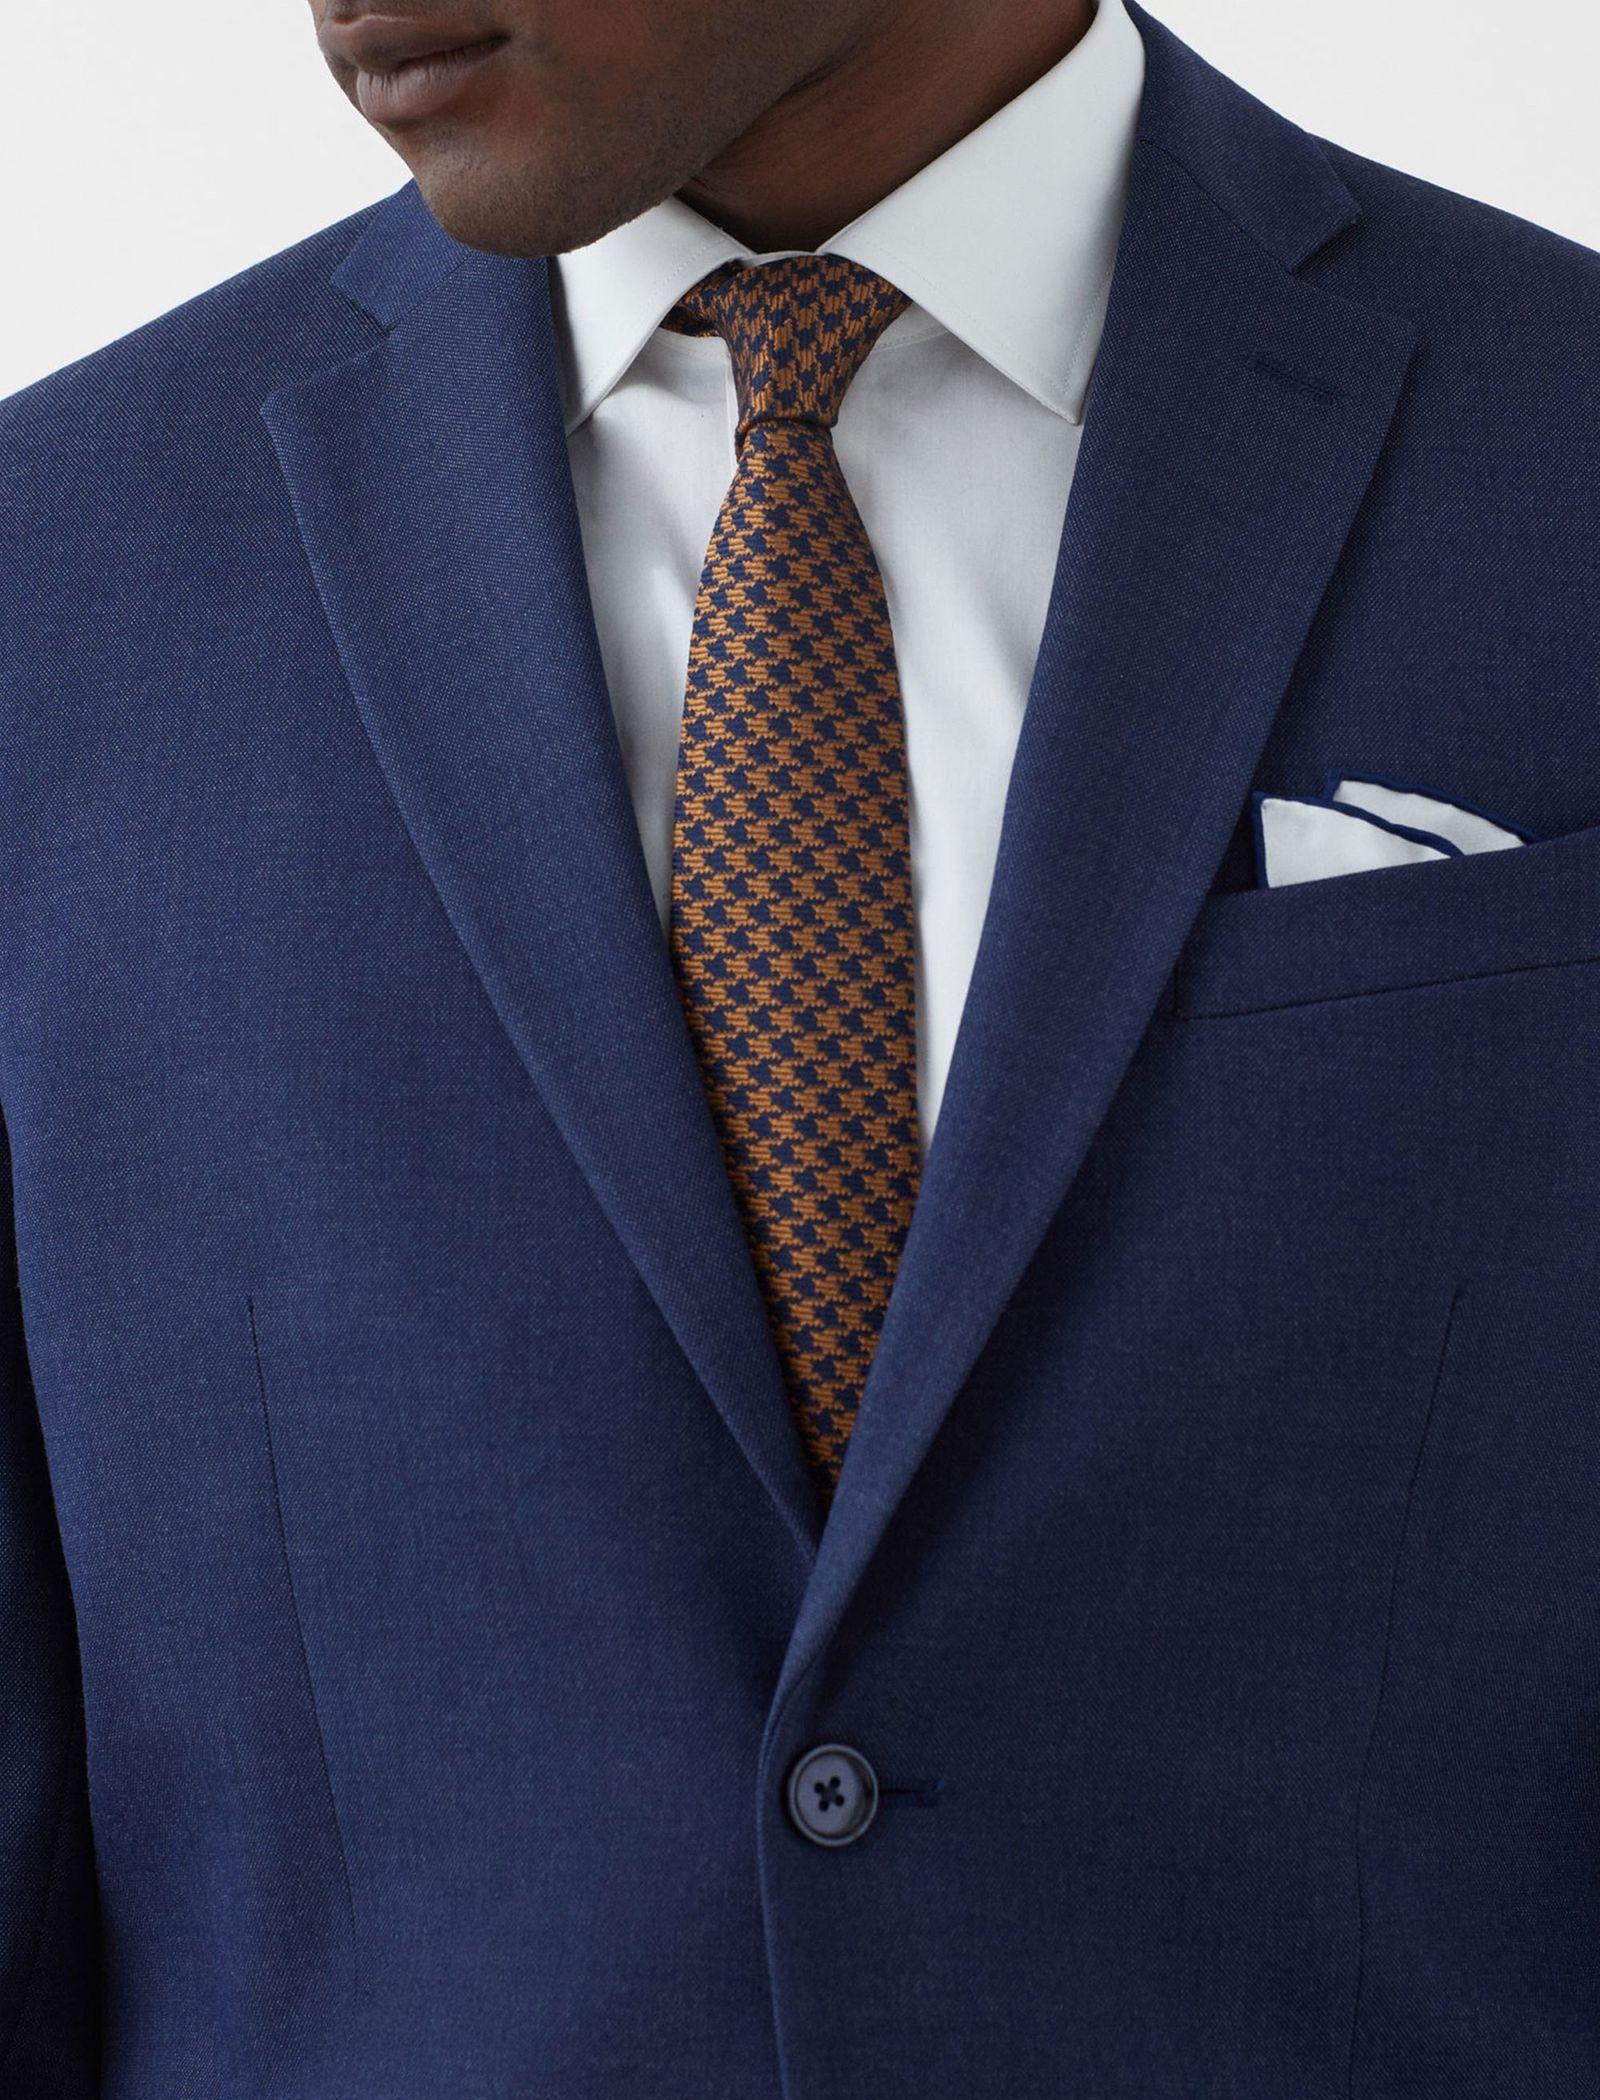 کت تک رسمی مردانه - مانگو - آبي - 5